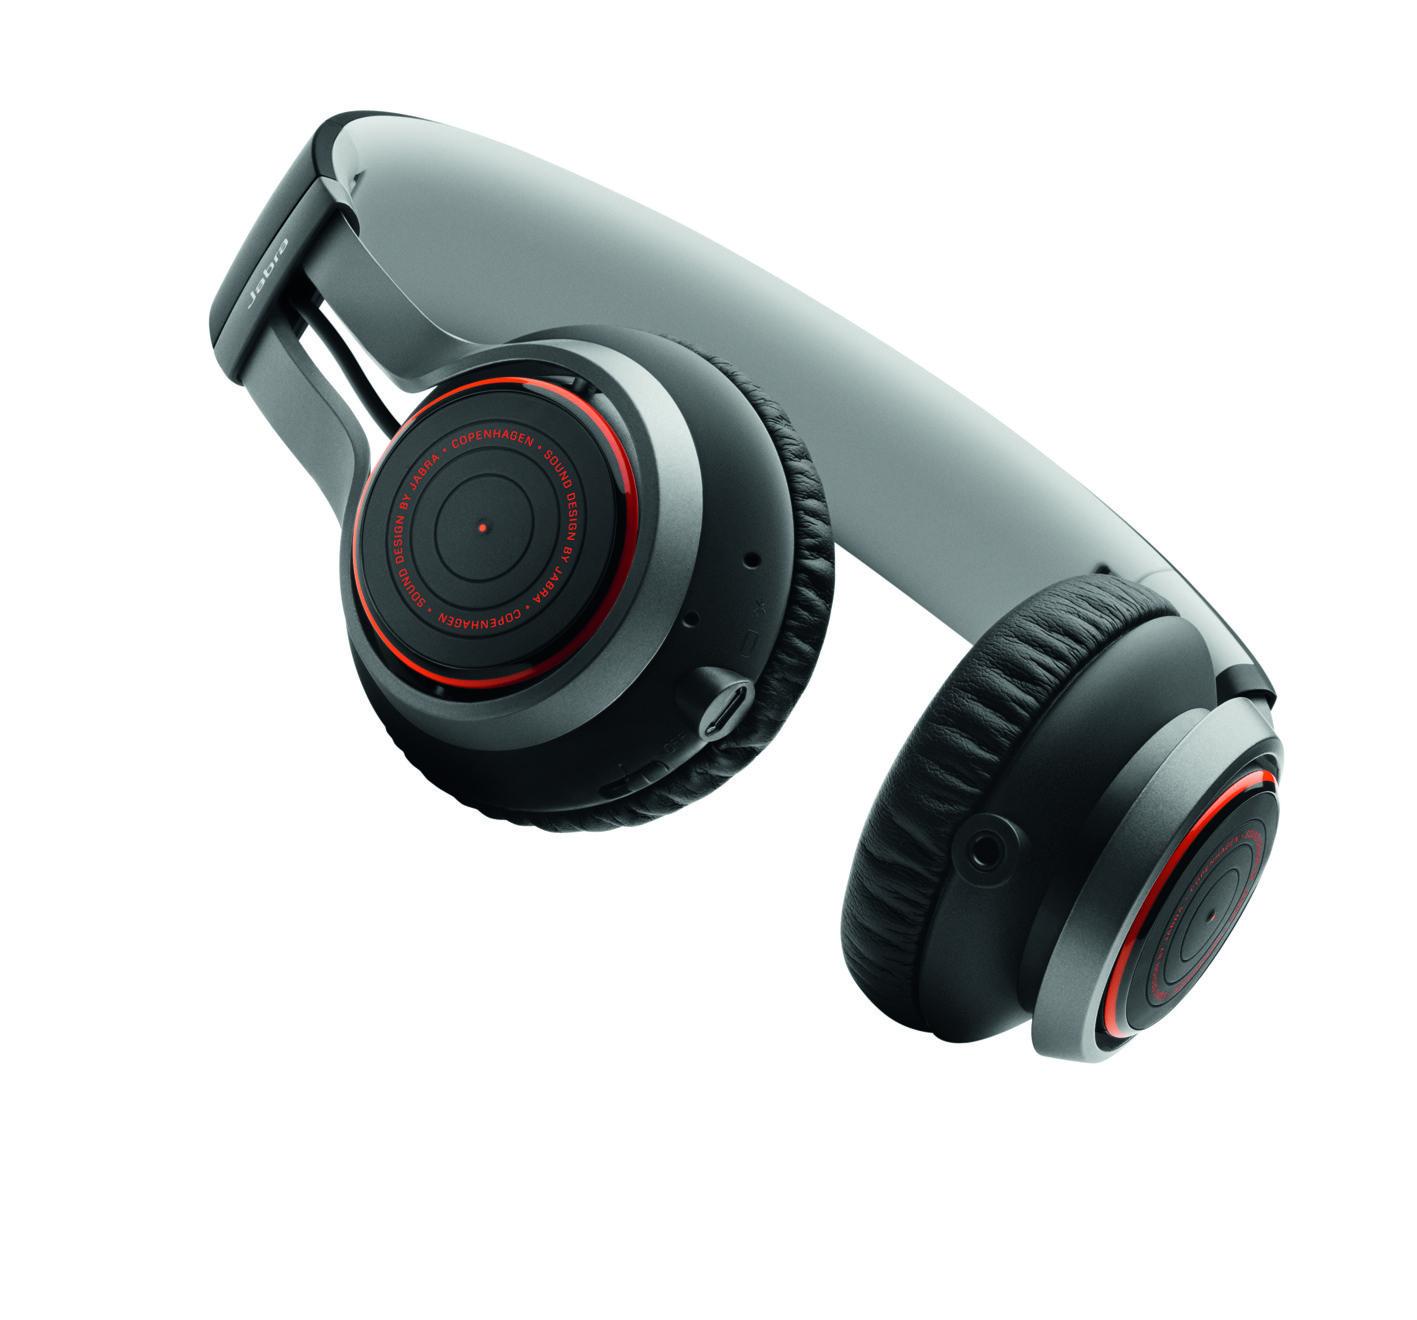 Jabra Revo wireless Black 05 - Tra le migliori cuffie Bluethooth con audio di qualità per ascoltare musica in libertà arrivano le Jabra Revo